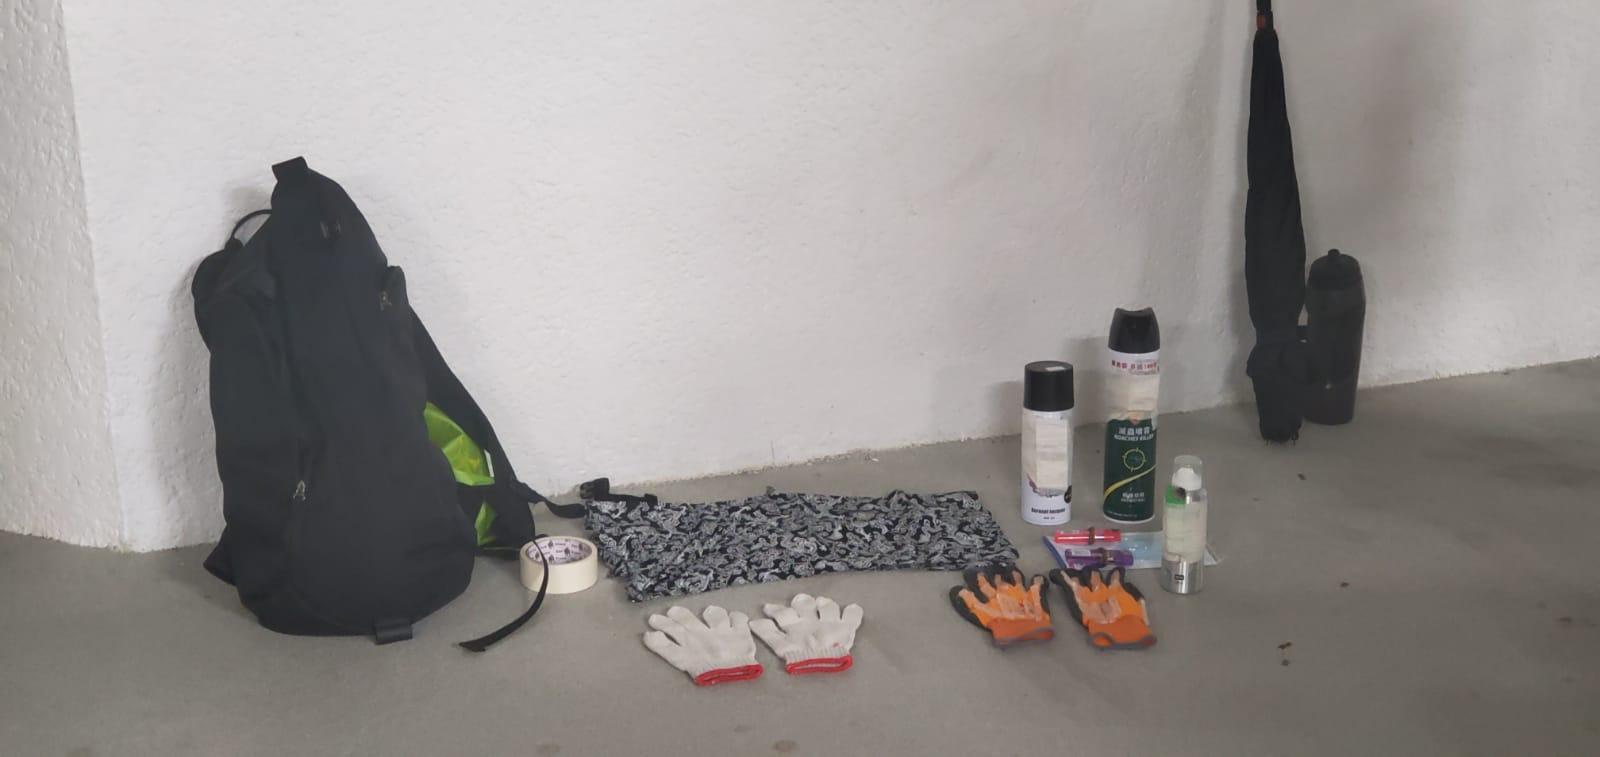 警方在青年的背囊找到勞工手套、殺蟲水及噴漆火機等。